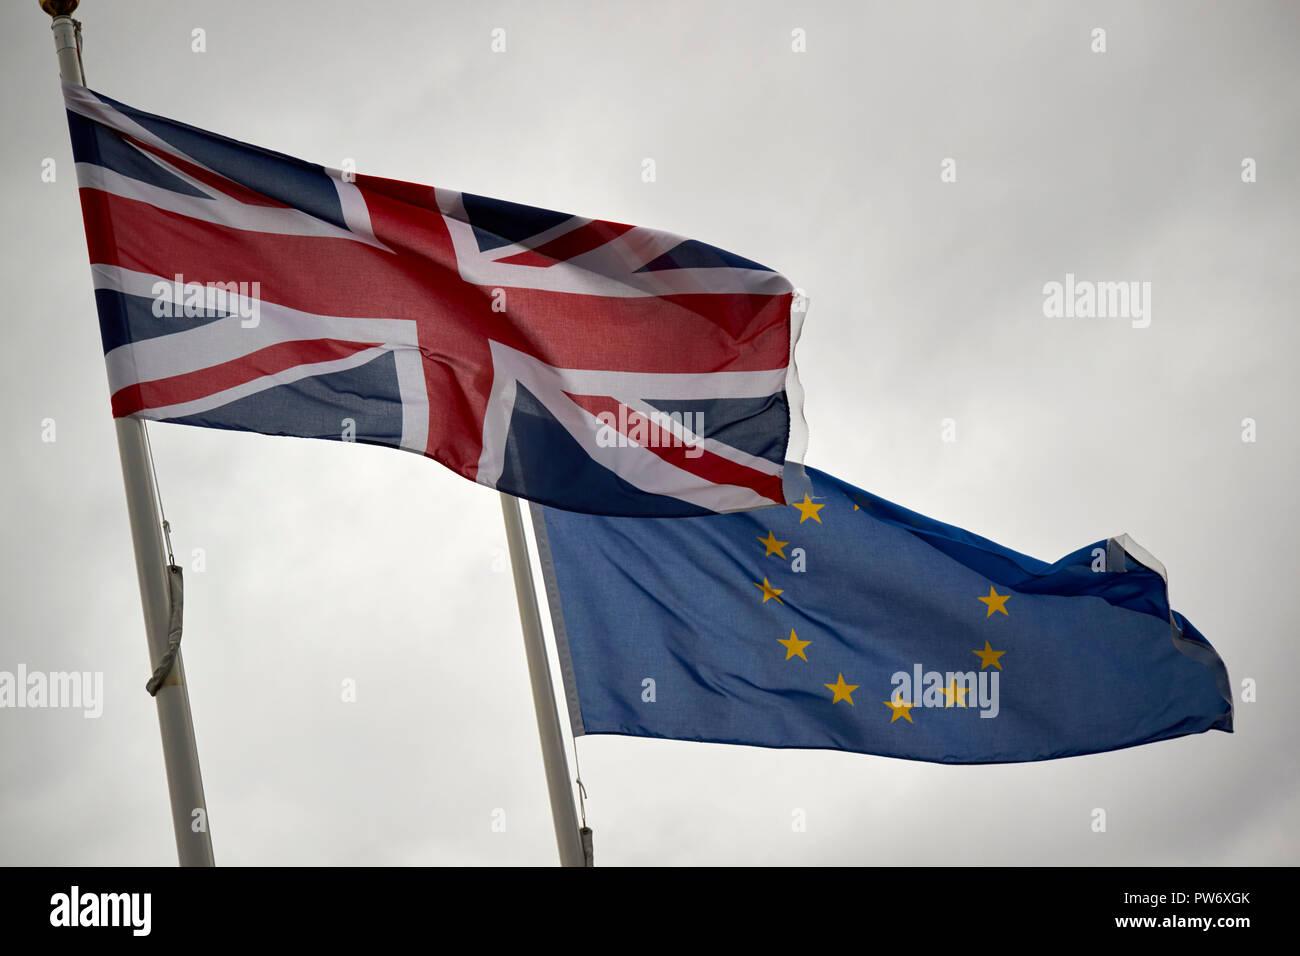 British uk unione bandiera e bandiera UE nel buio cielo tempestoso England Regno Unito Immagini Stock